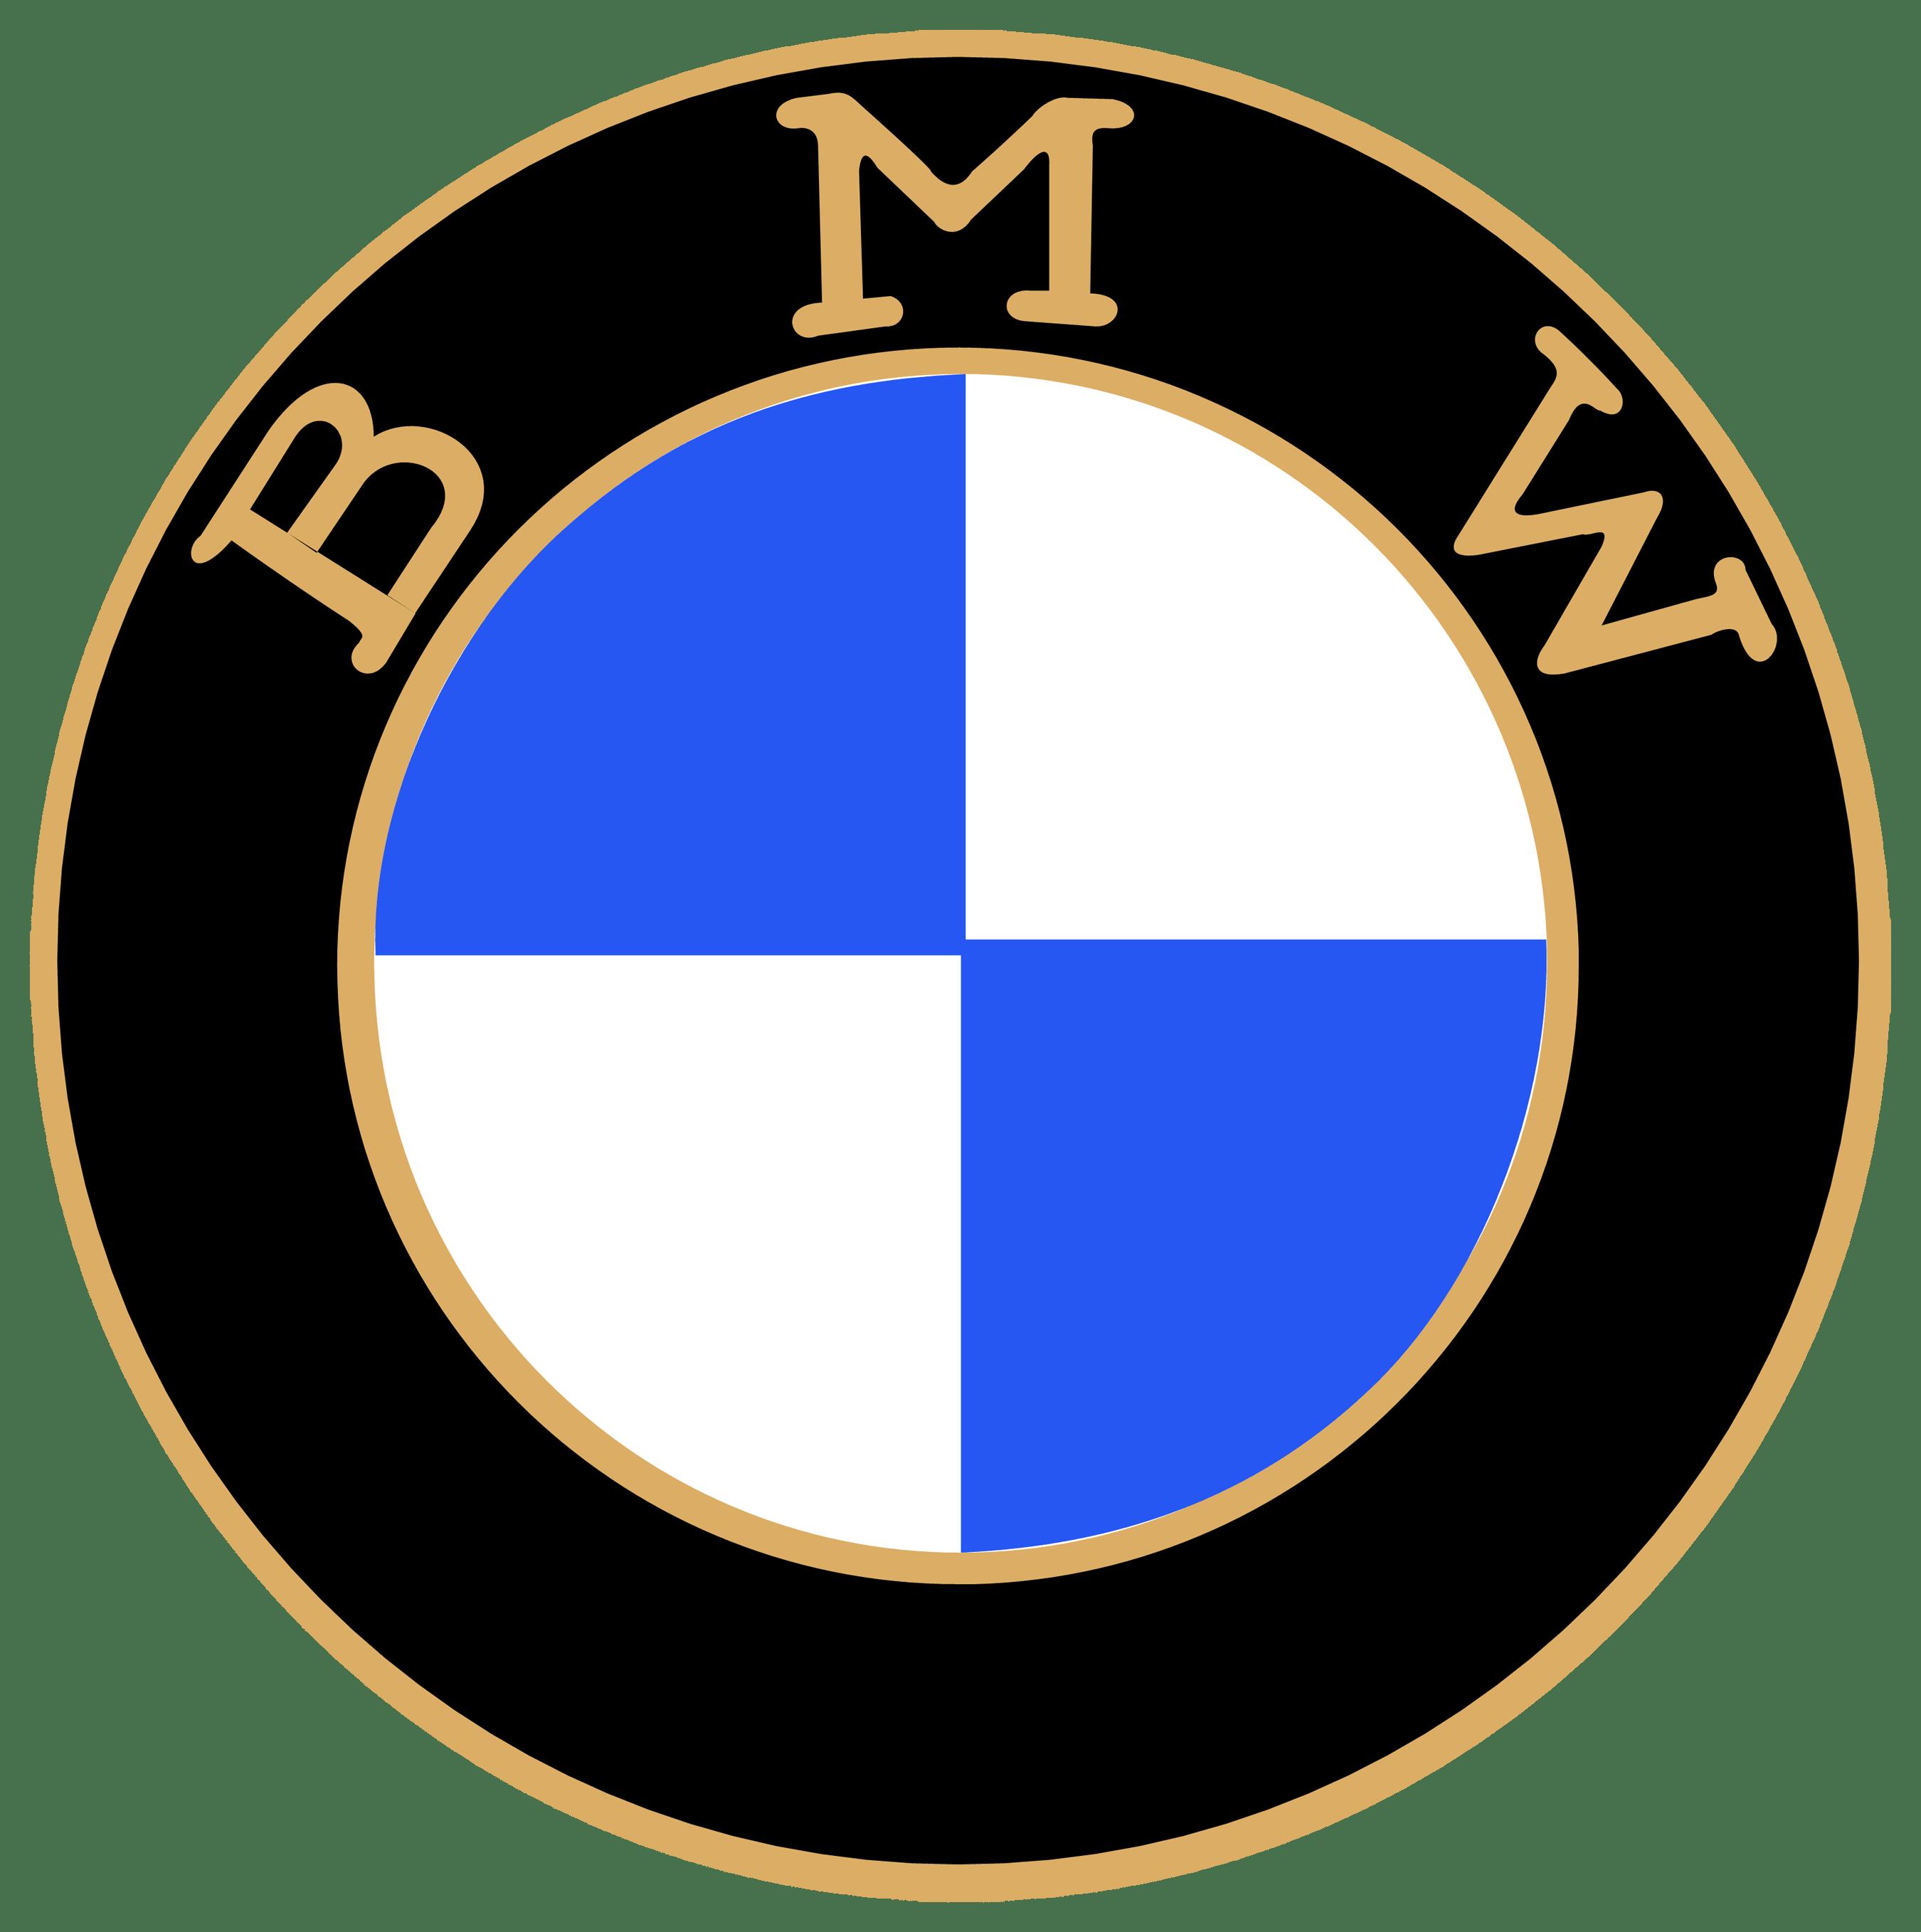 Old BMW Logo Motorcycle logo, Bmw wallpapers, Bmw